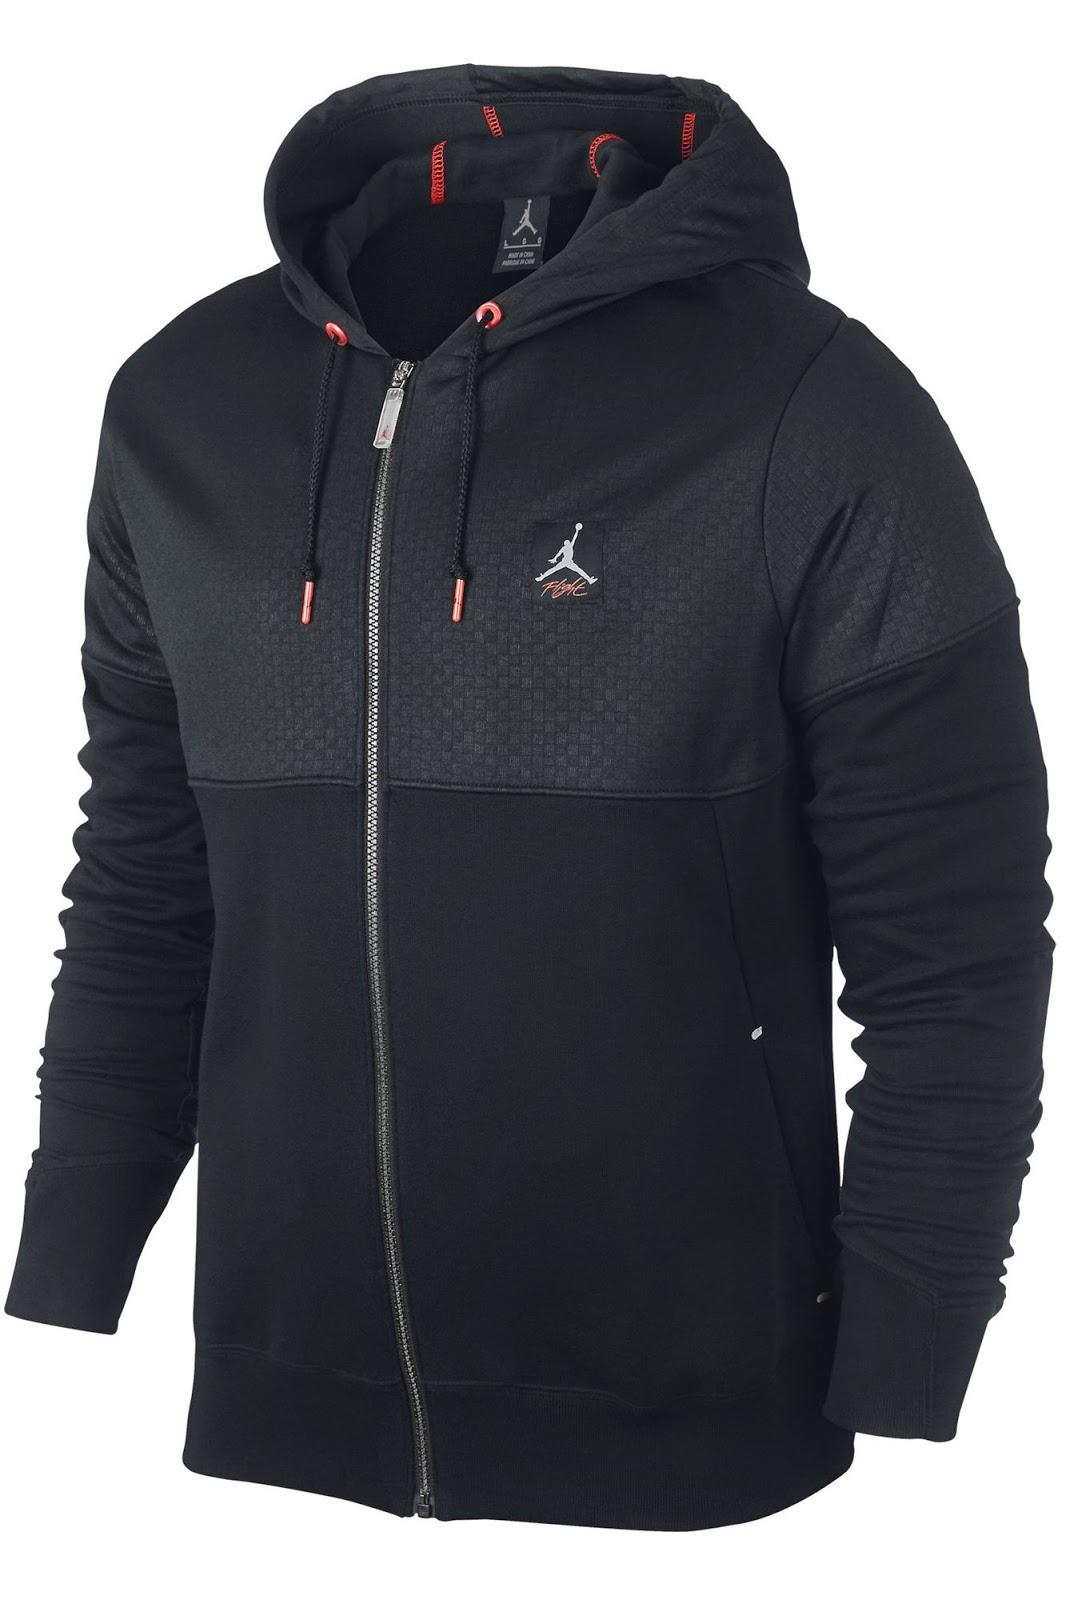 hot sale online 357e2 a2012 nike jordan tienda online ropa